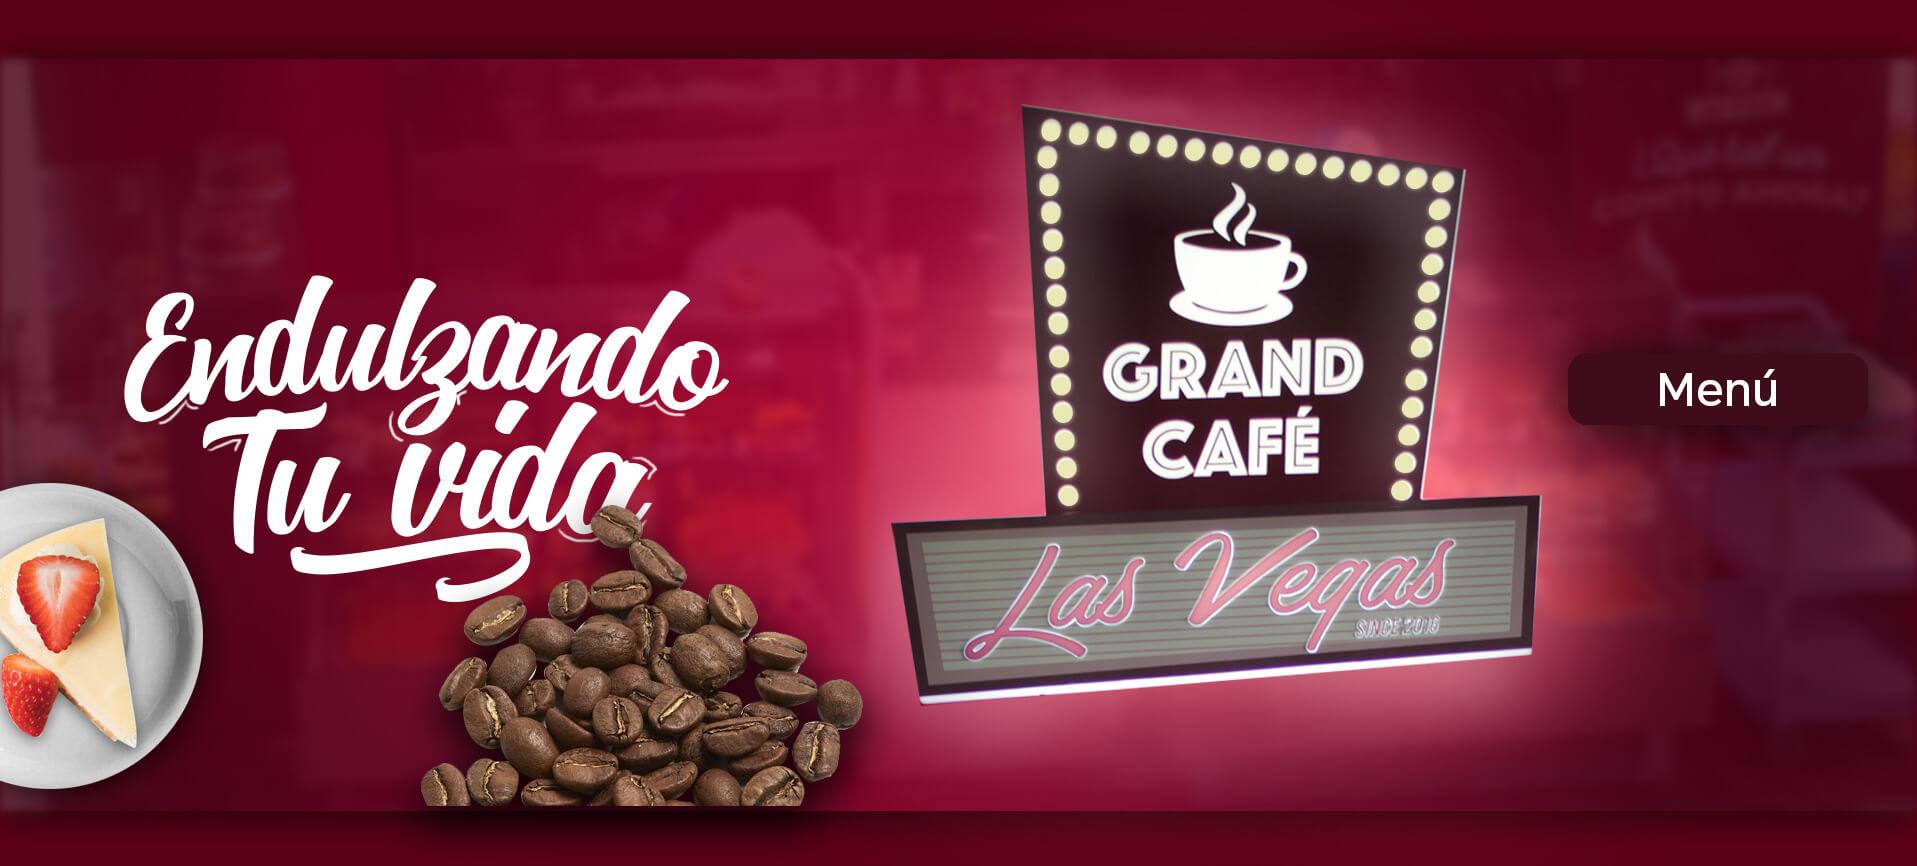 Las vegas Barranquilla endulzando tu vida - Grand café